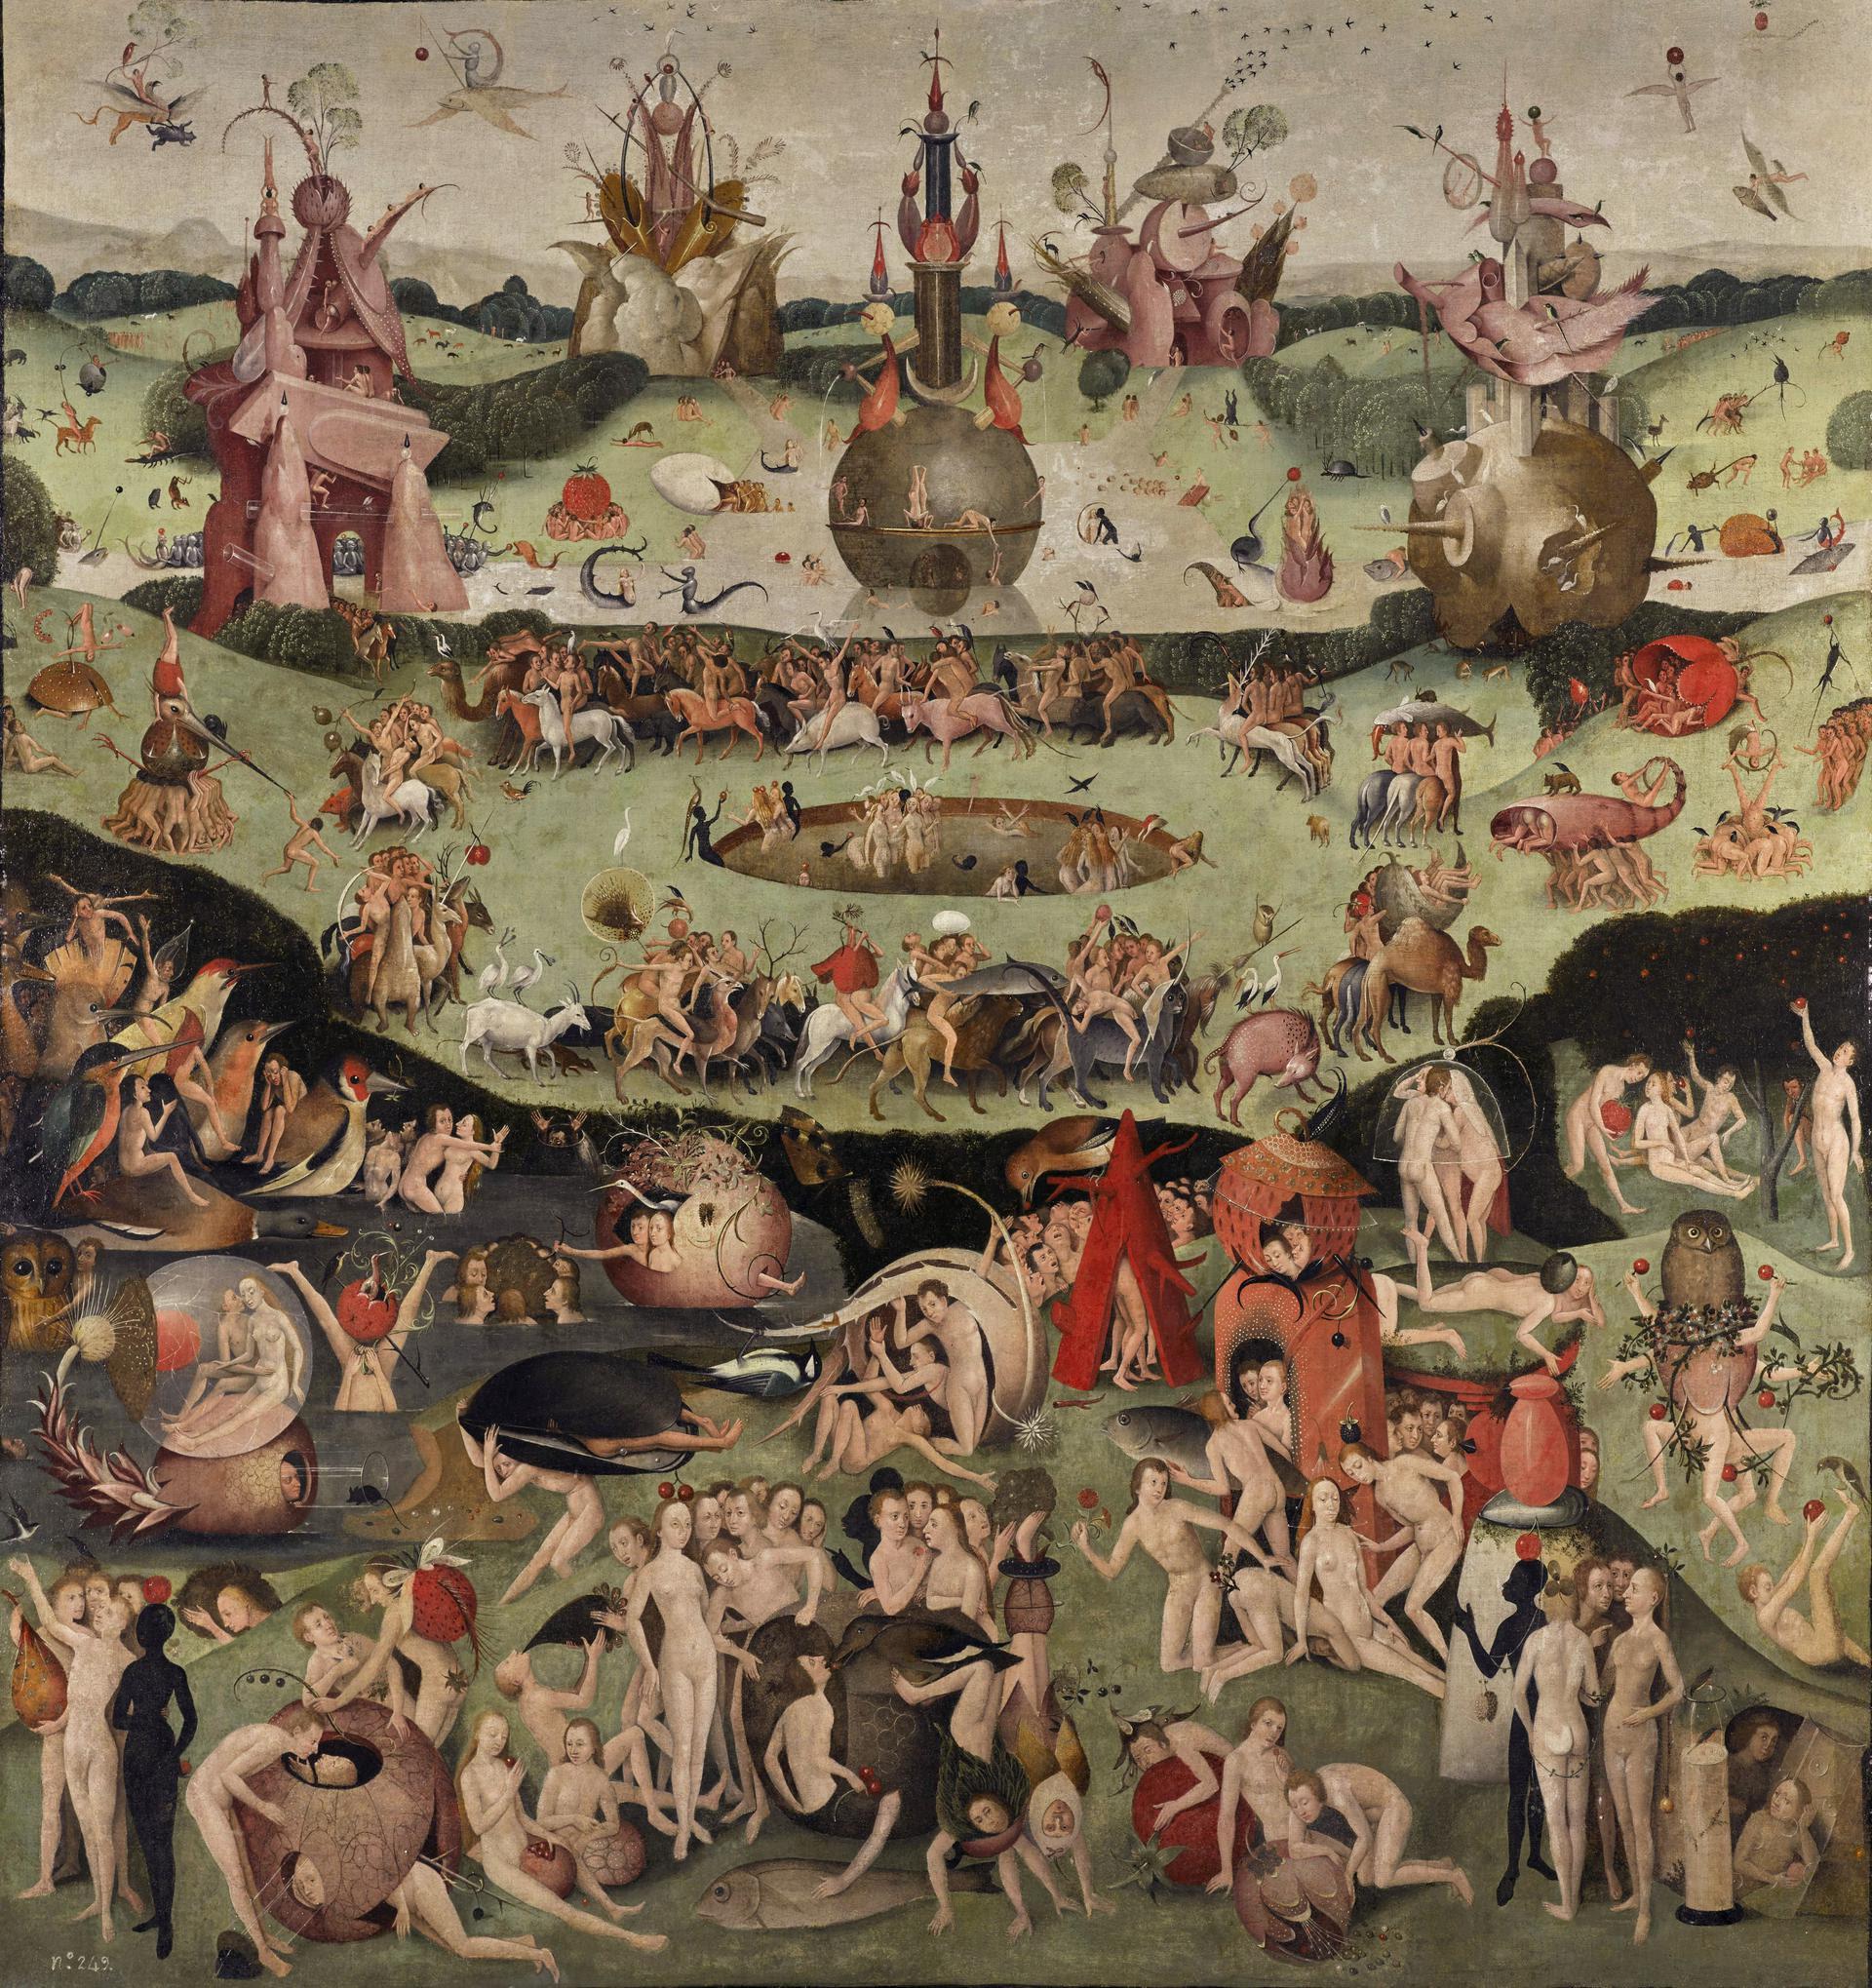 Mostra Lugano - Il giardino delle delizia di Hieronymus Bosch - immagini